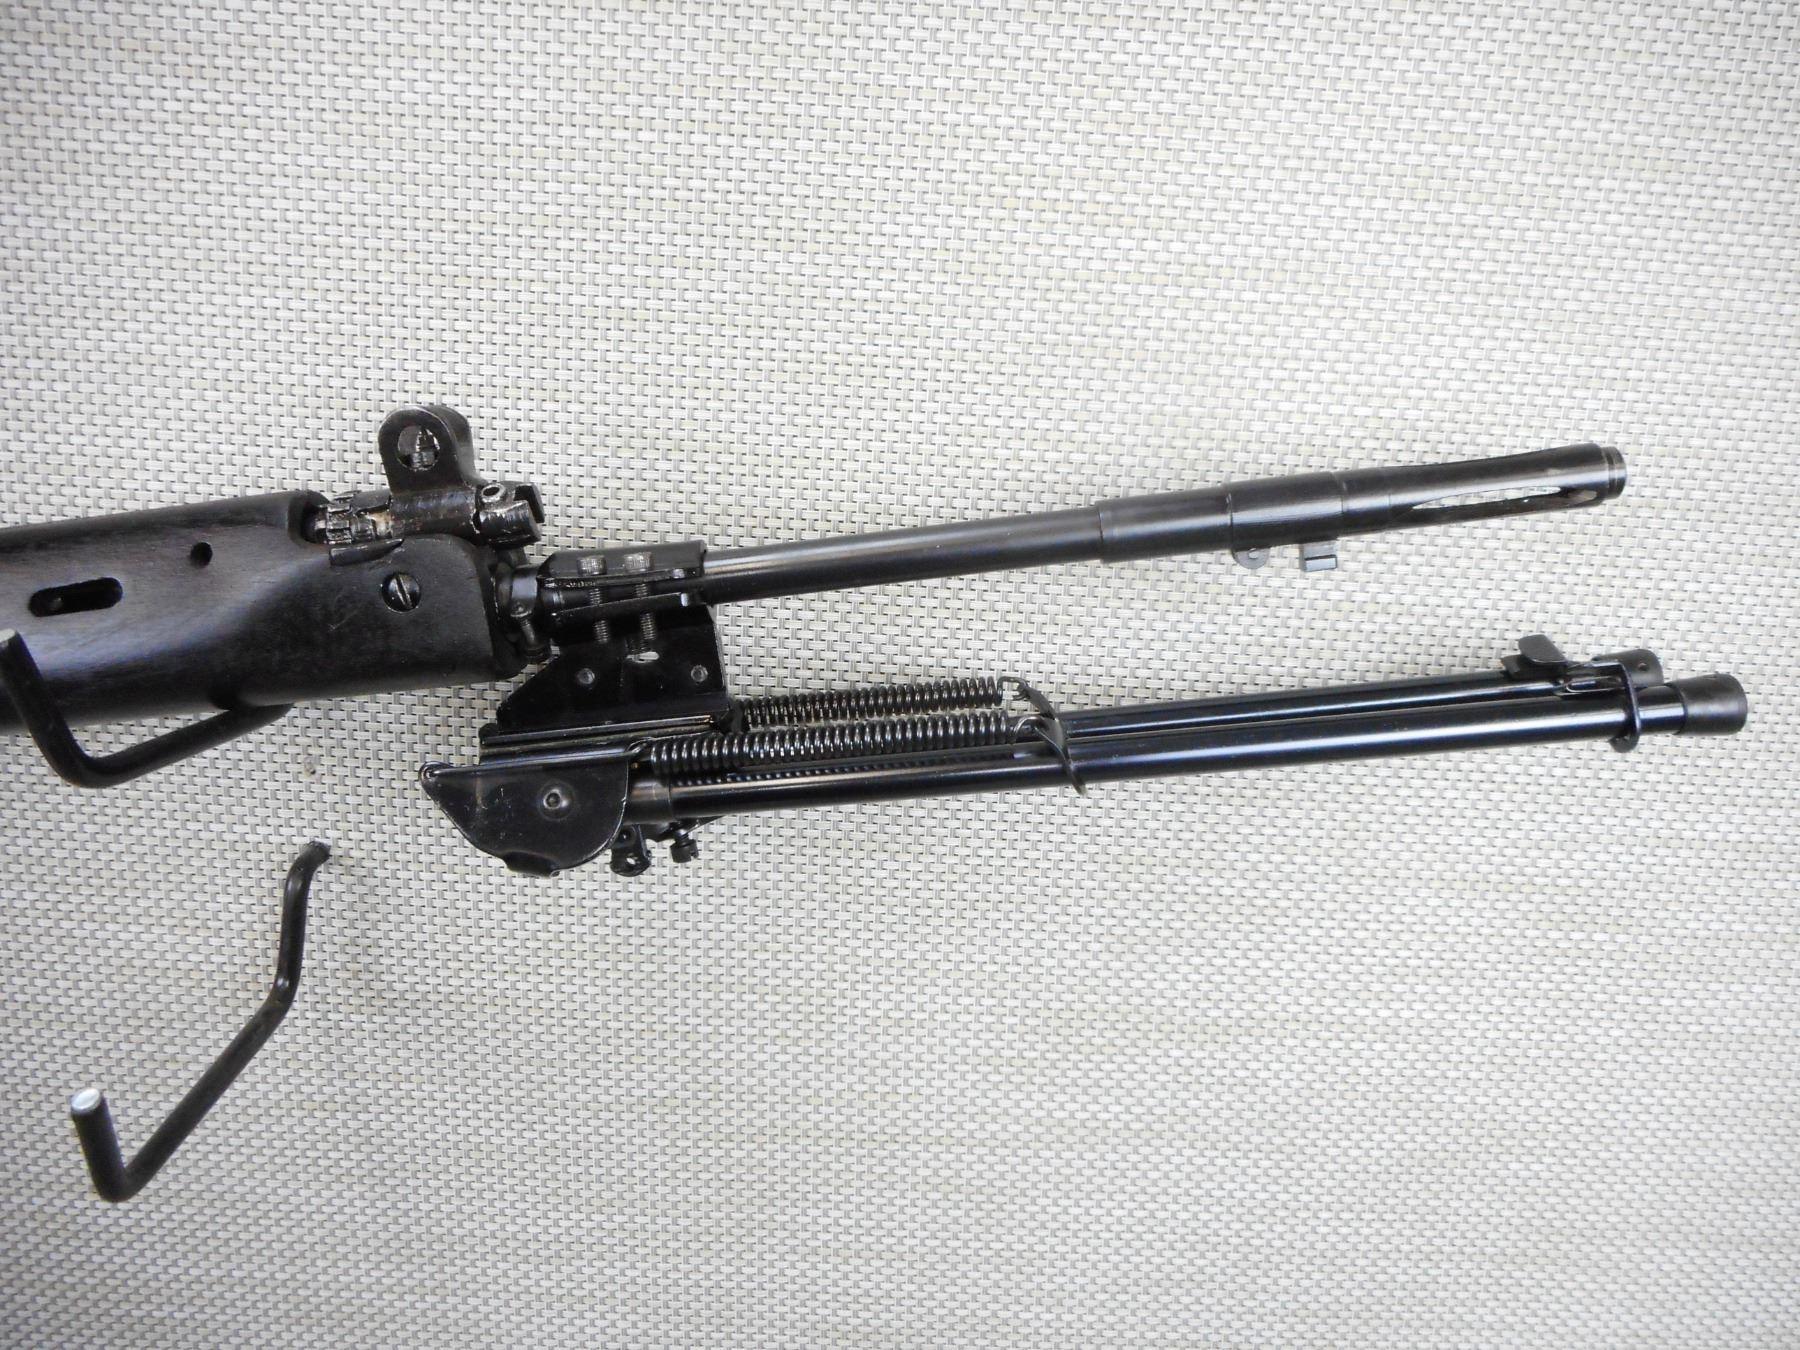 FN FAL, MODEL: 1A1, CALIBER: 7 62X51